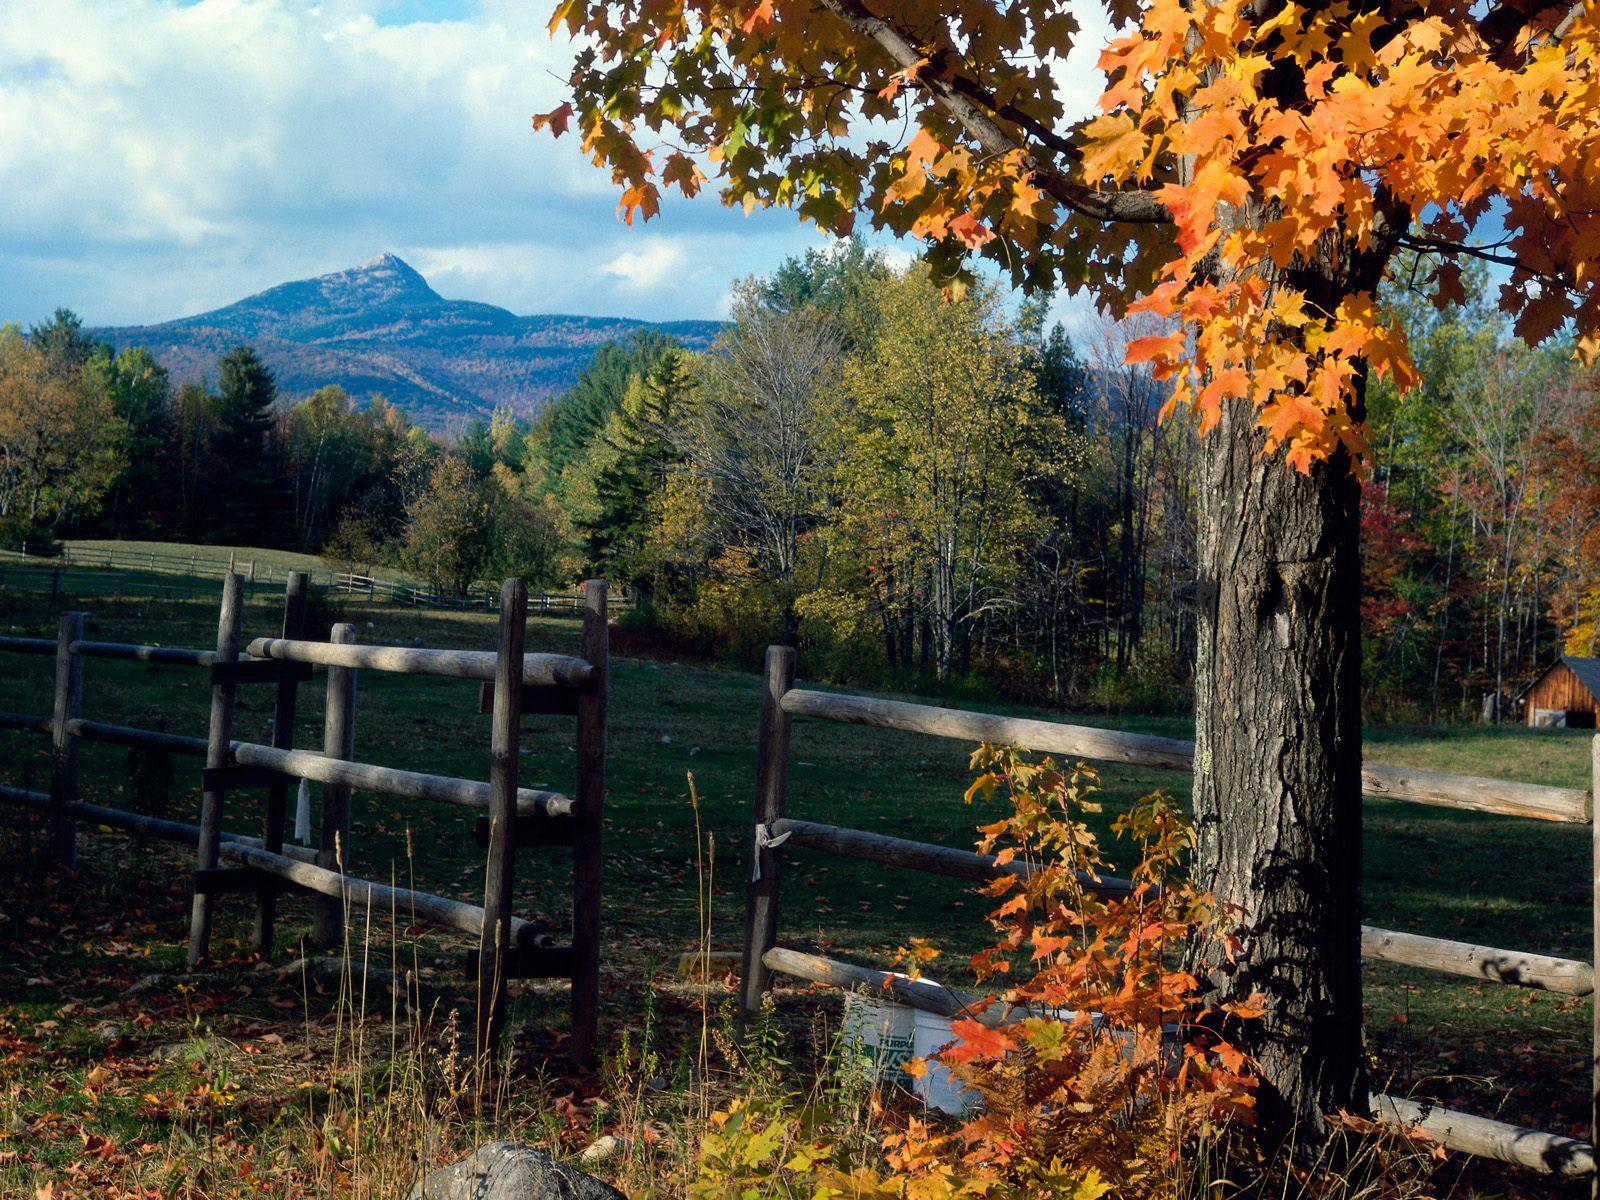 Sonbahardan Güzel Manzaralar - Sonbaharda akşam